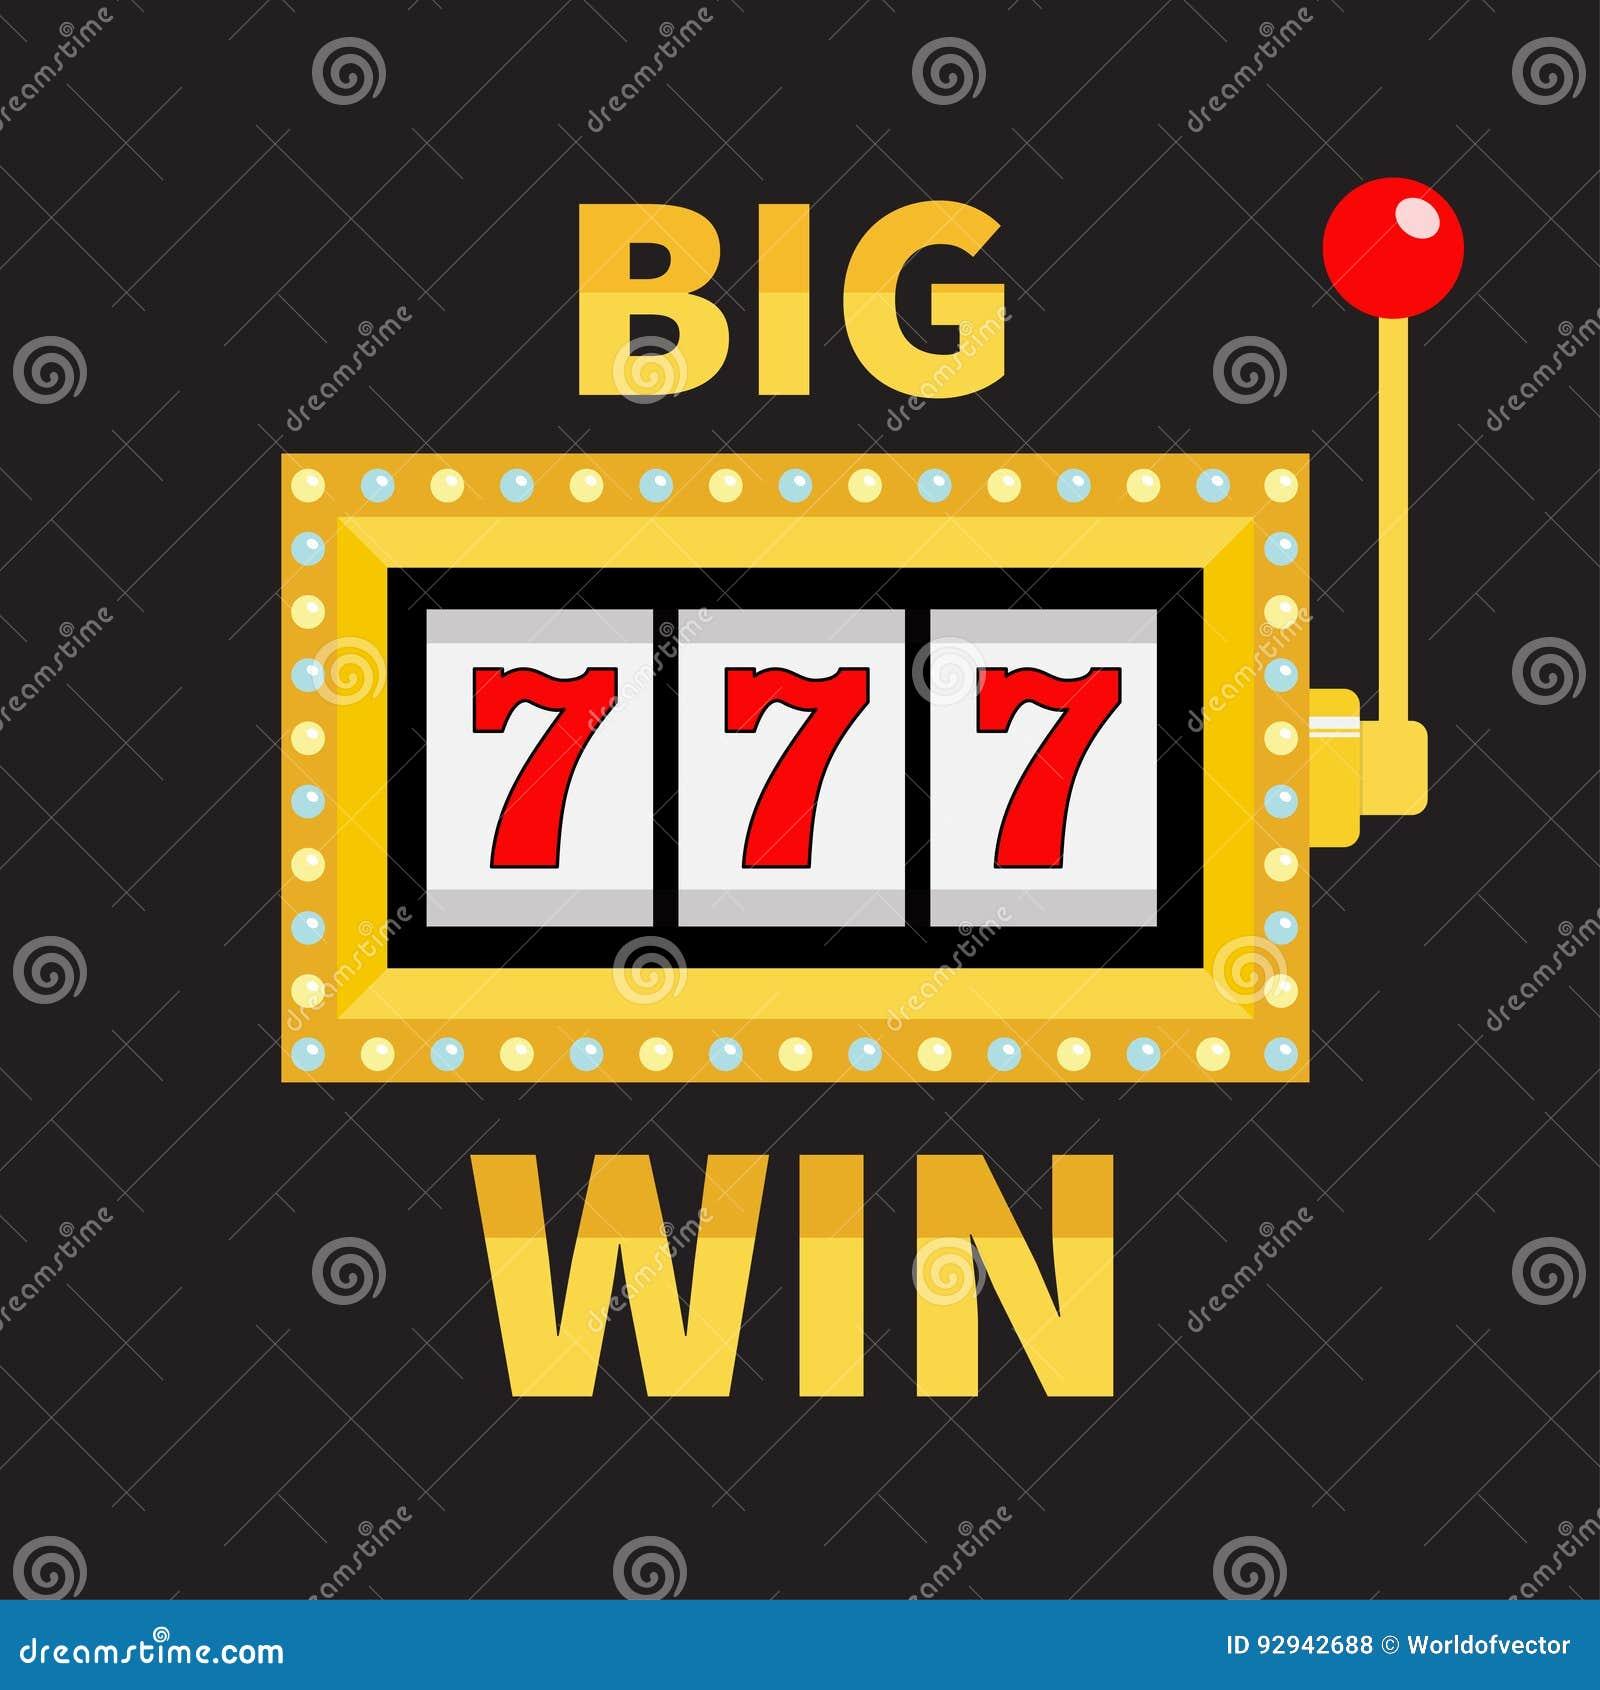 Biggest casino wins - 83645